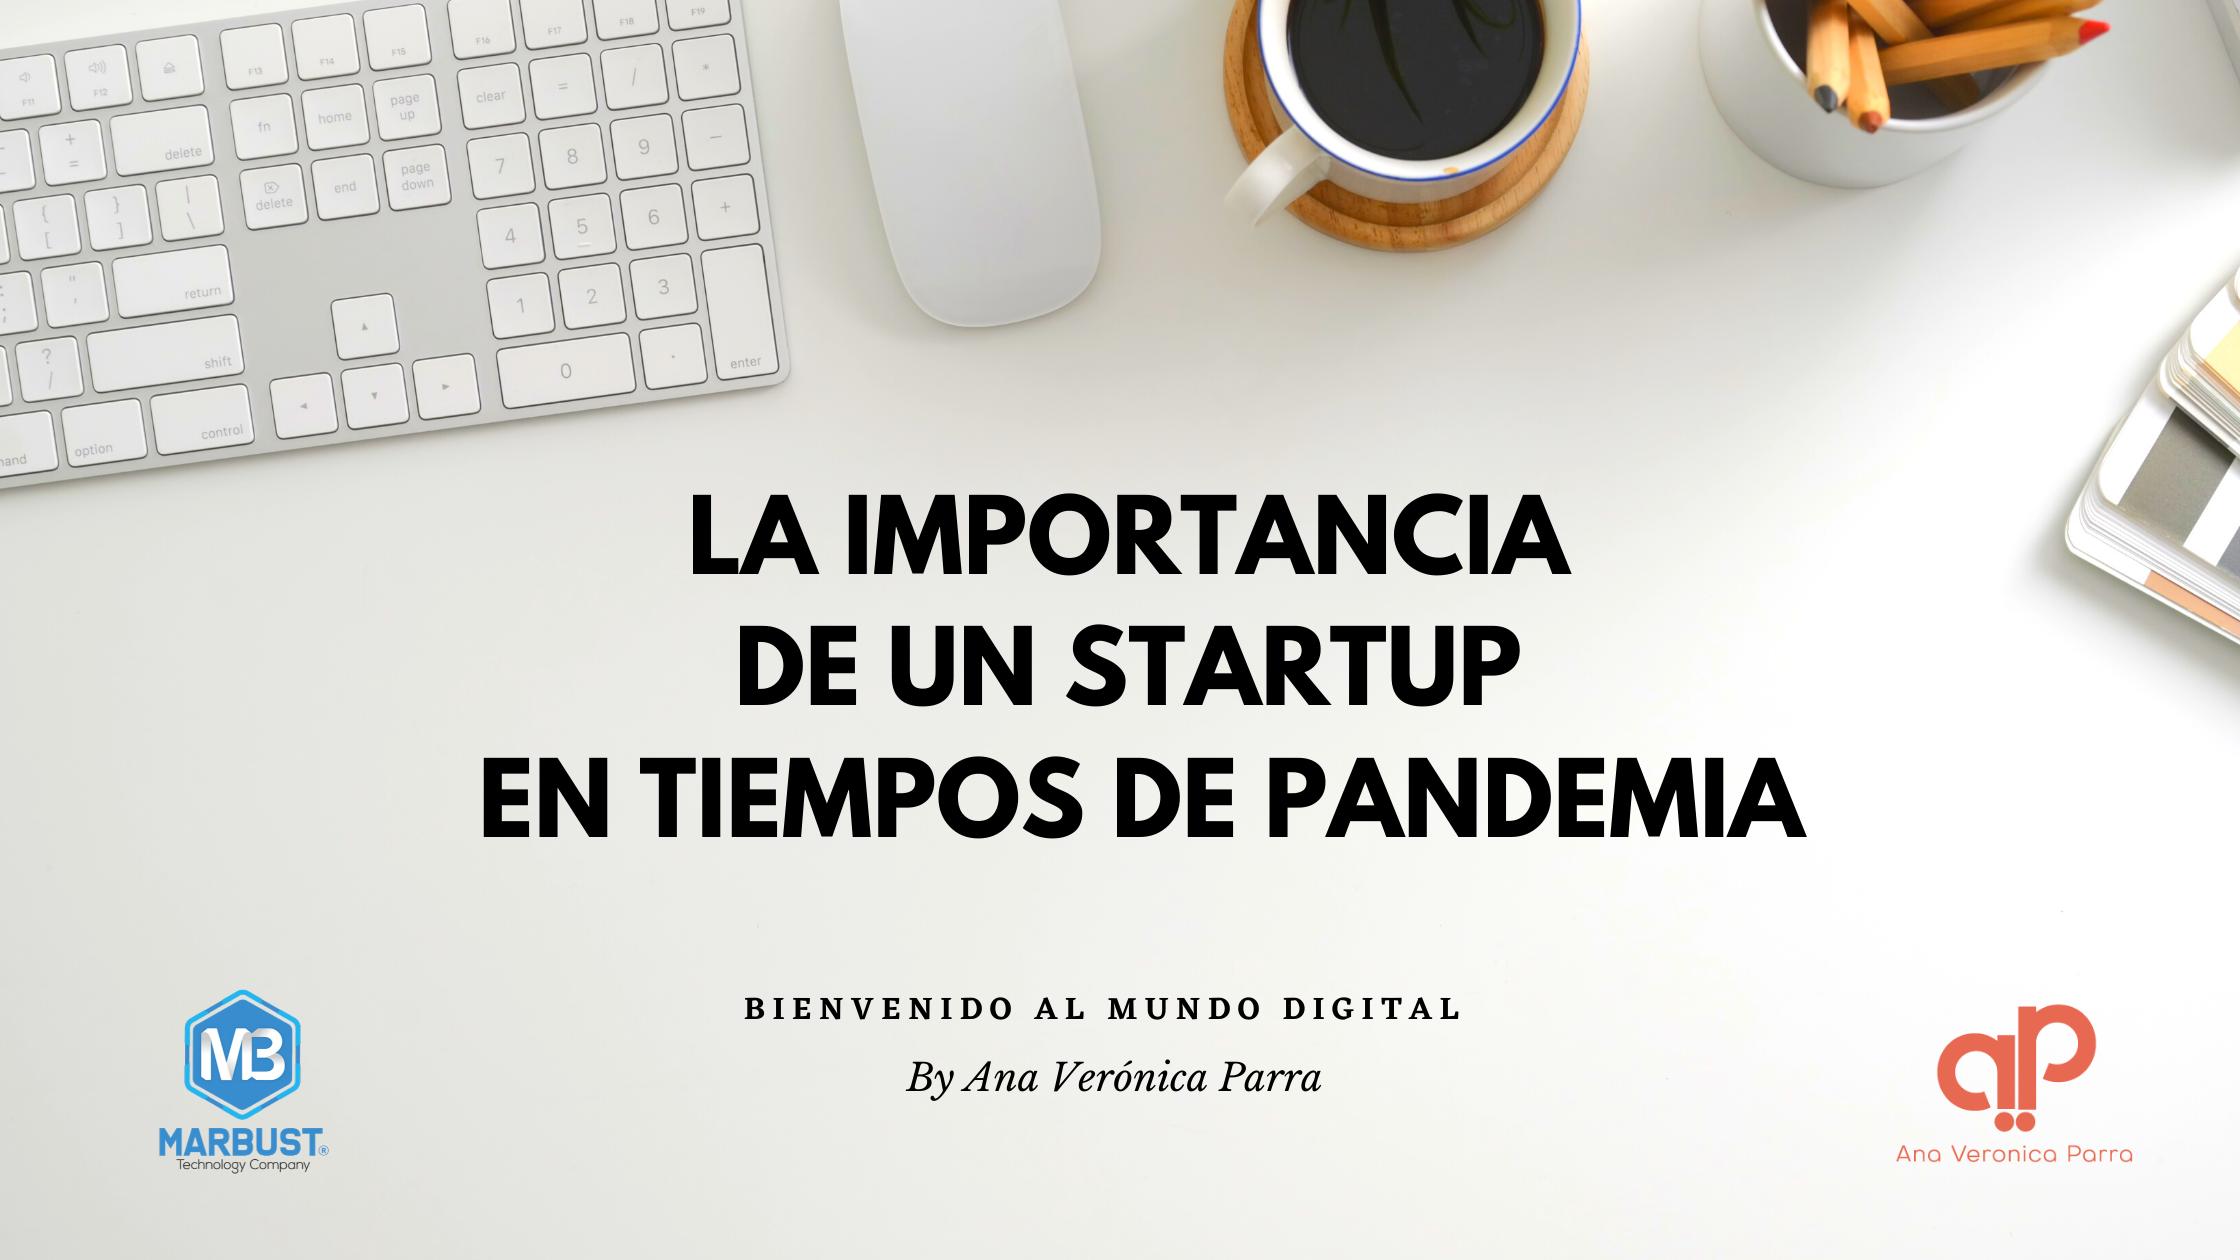 La importancia de un Startup en tiempos de pandemia